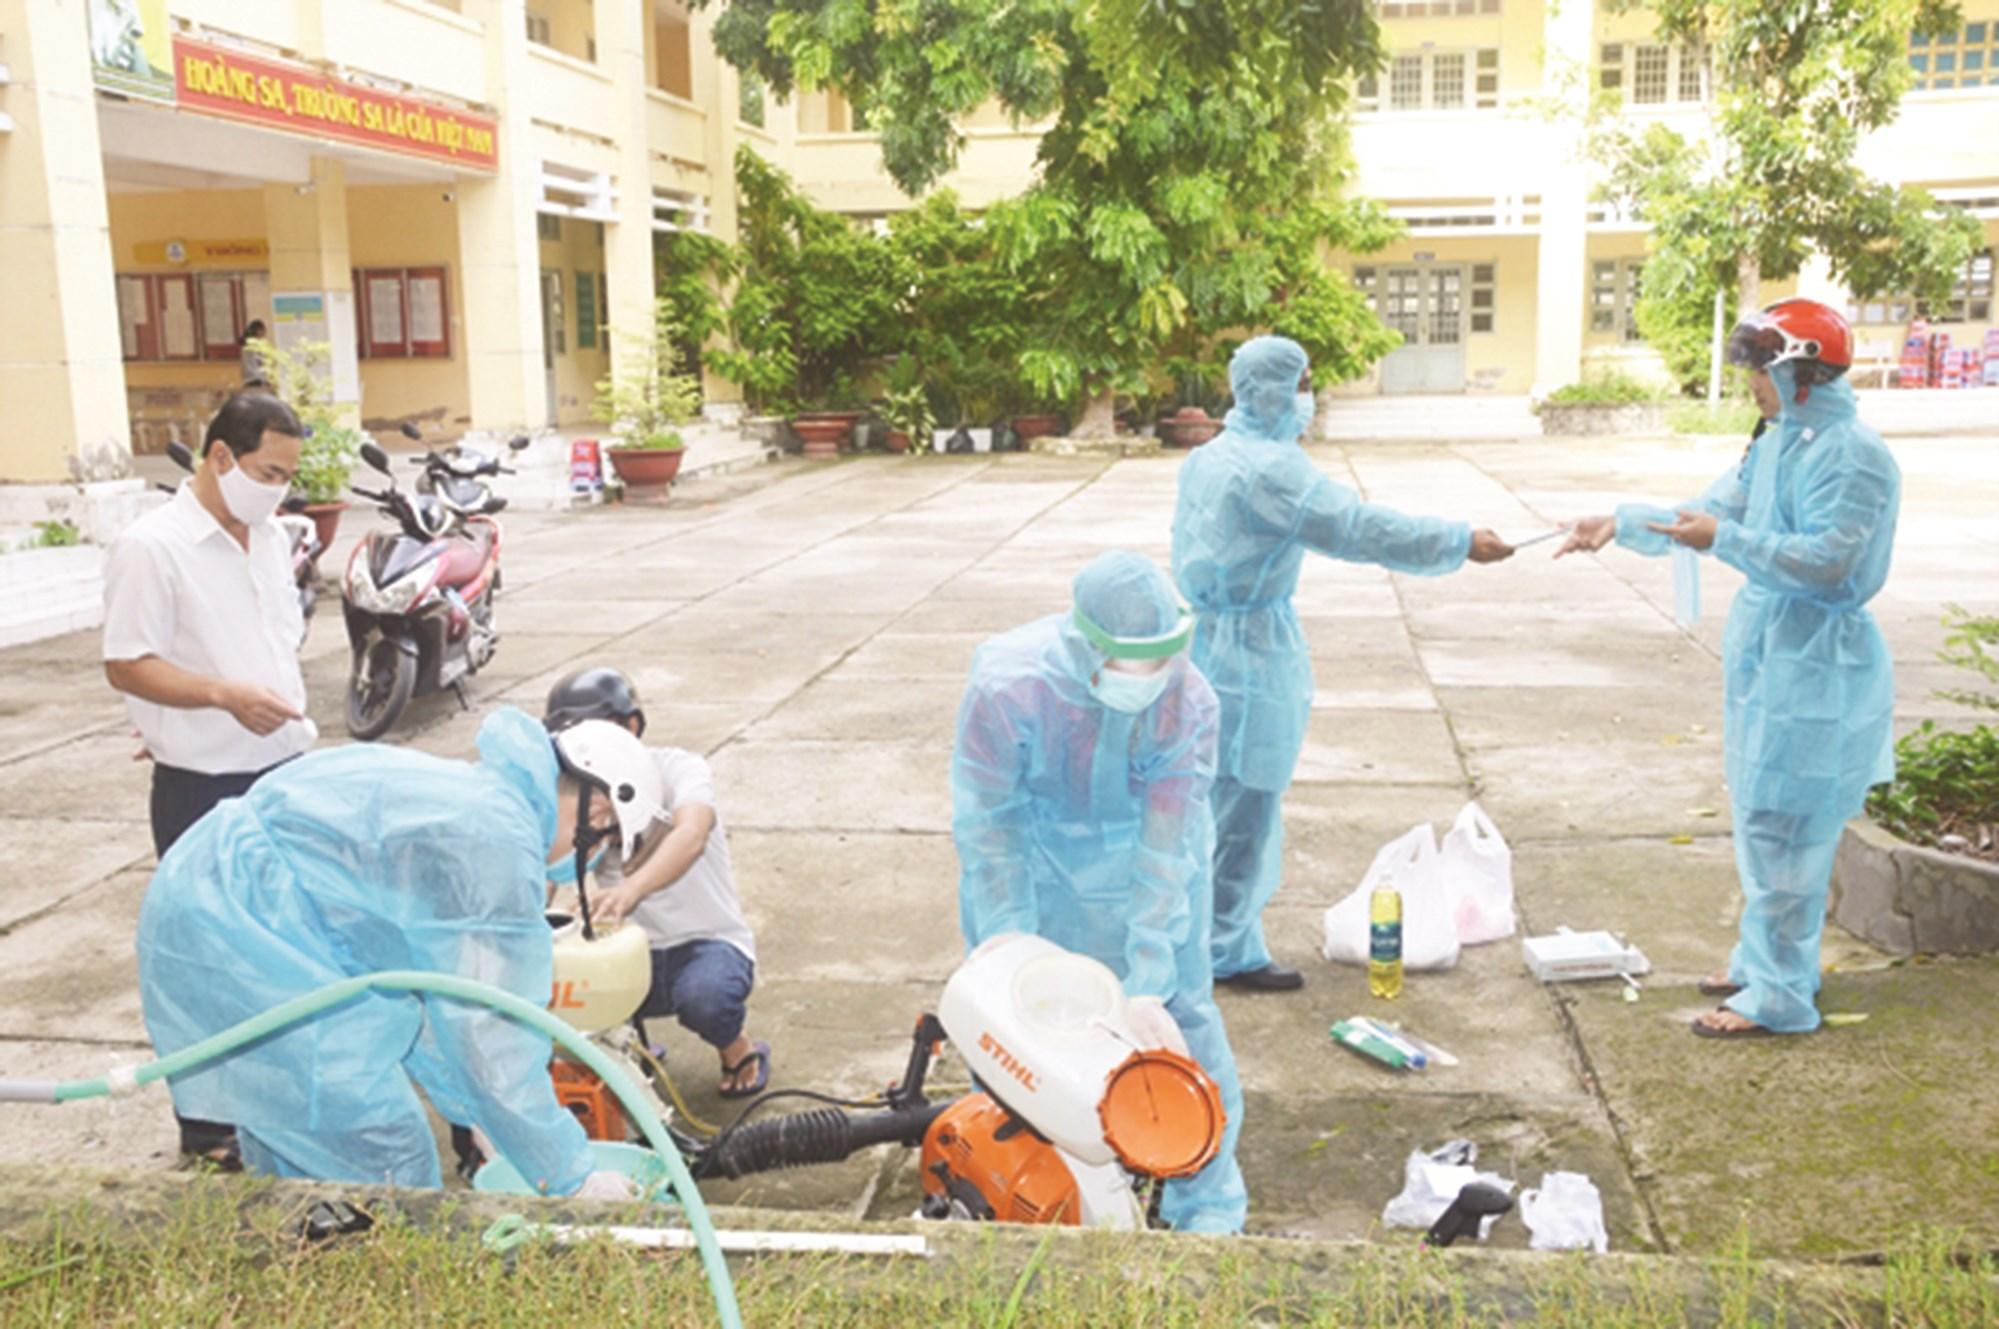 Trước ngày khai giảng các thầy giáo Trường Dân tộc Nội trú Huỳnh Cương (Sóc Trăng) chủ động thực hiện vệ sinh, phun khử trùng trường lớp để đón học sinh trở lại trường